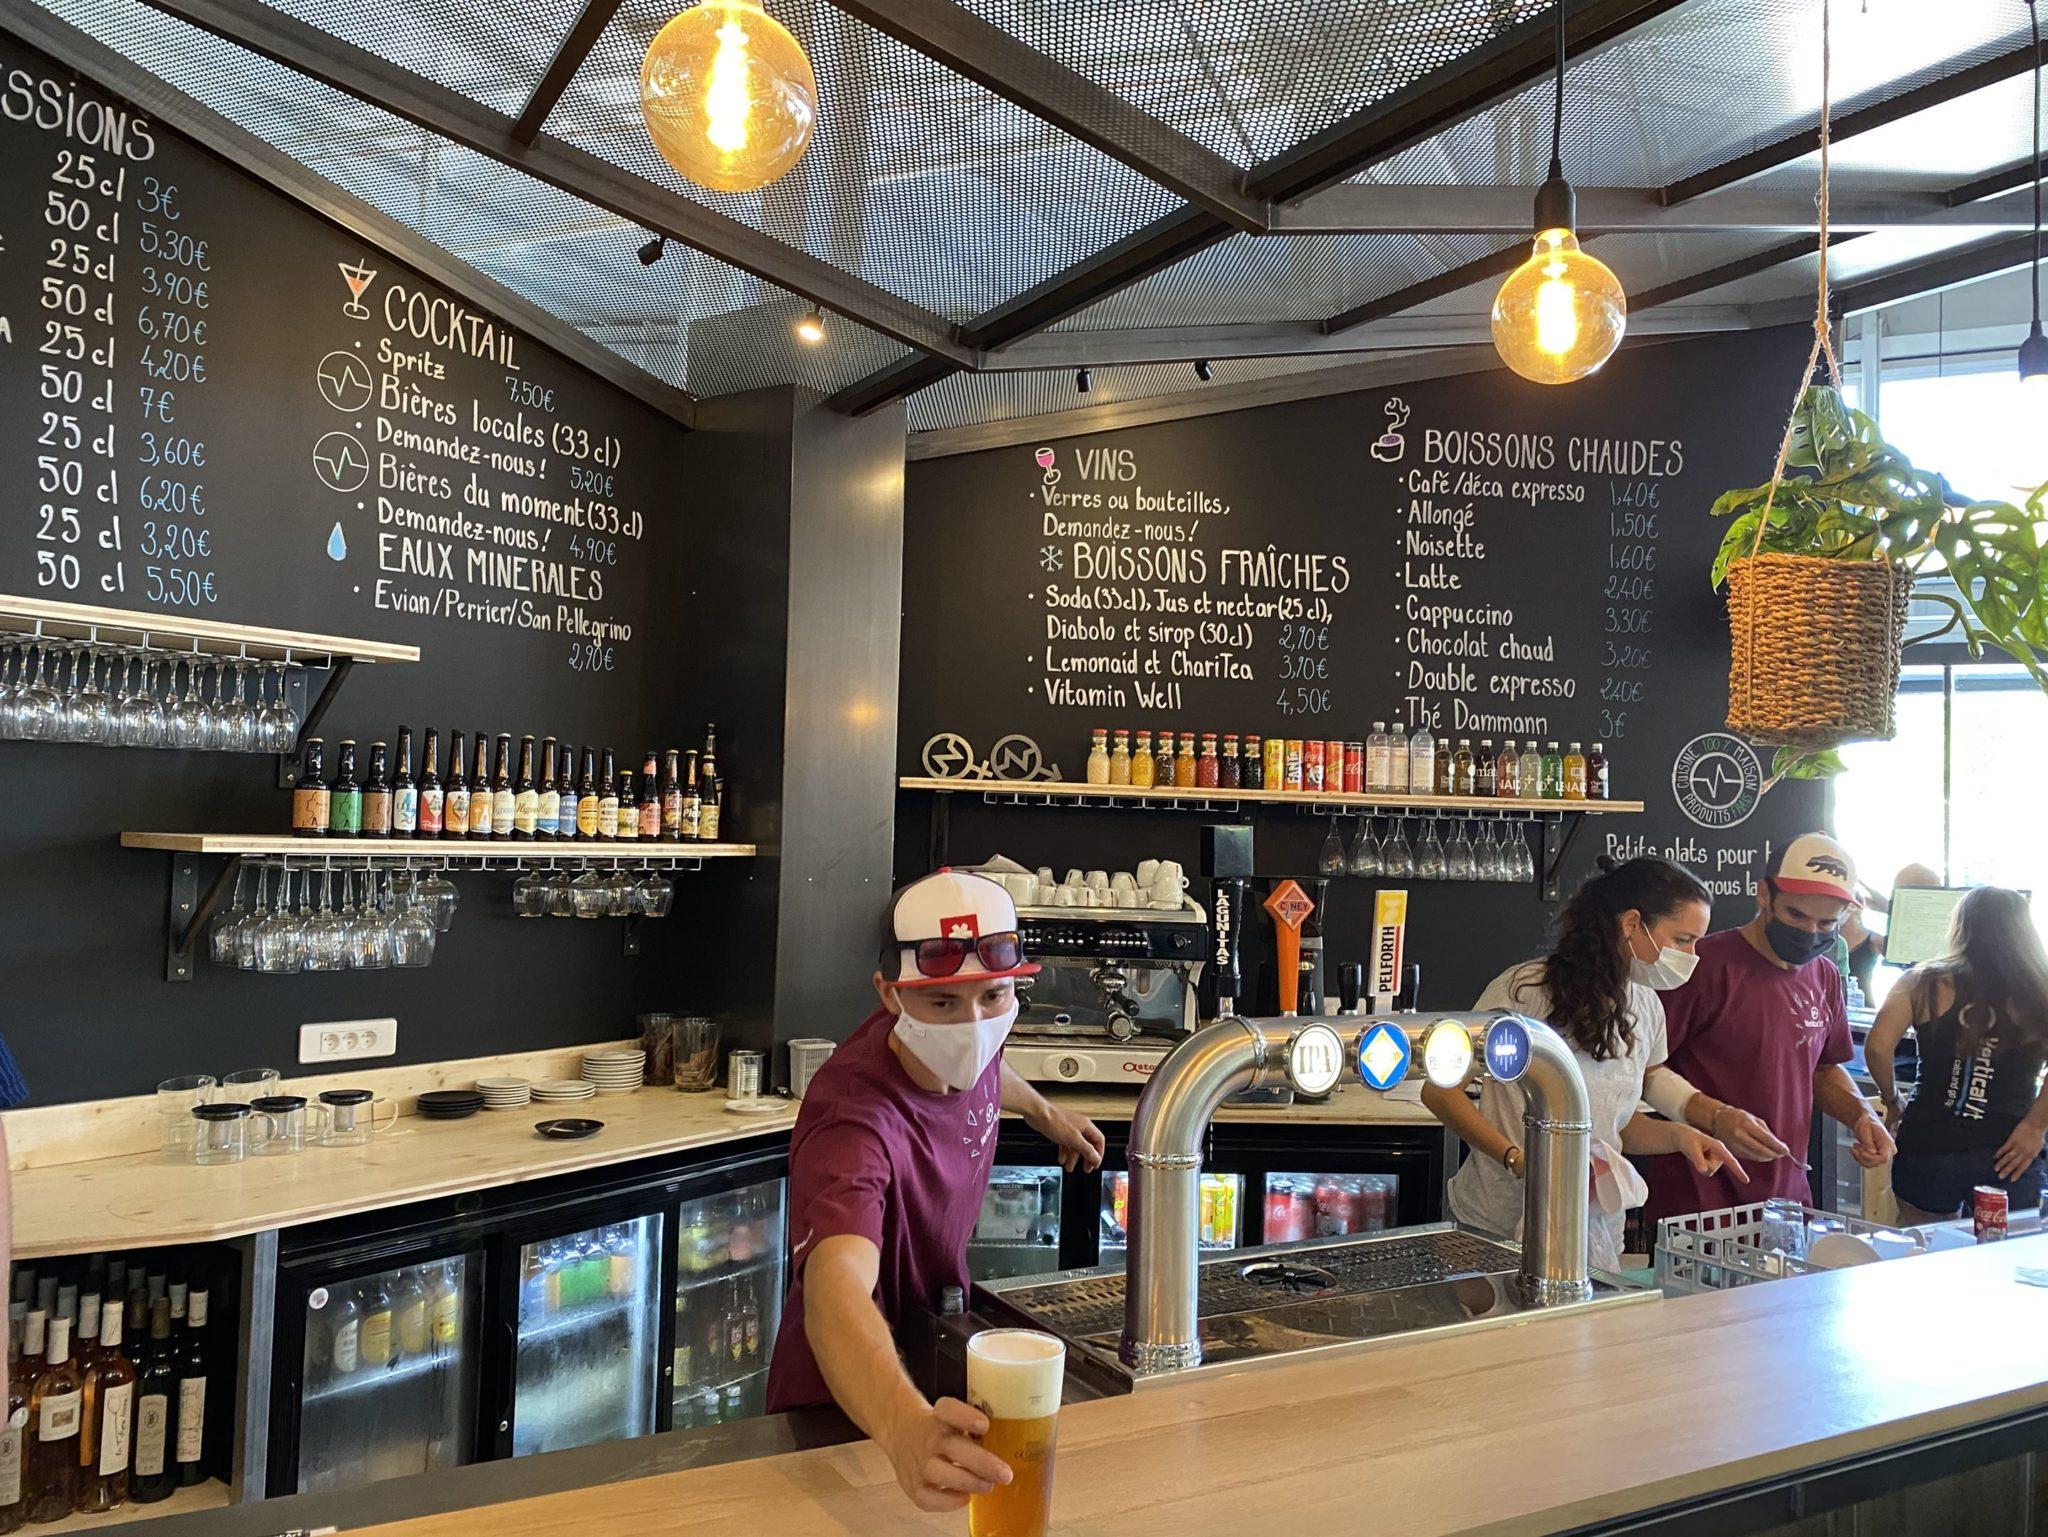 Restaurant et bar de la salle d'escalade Vertical'Art Toulon. Var. Cote d'Azur.